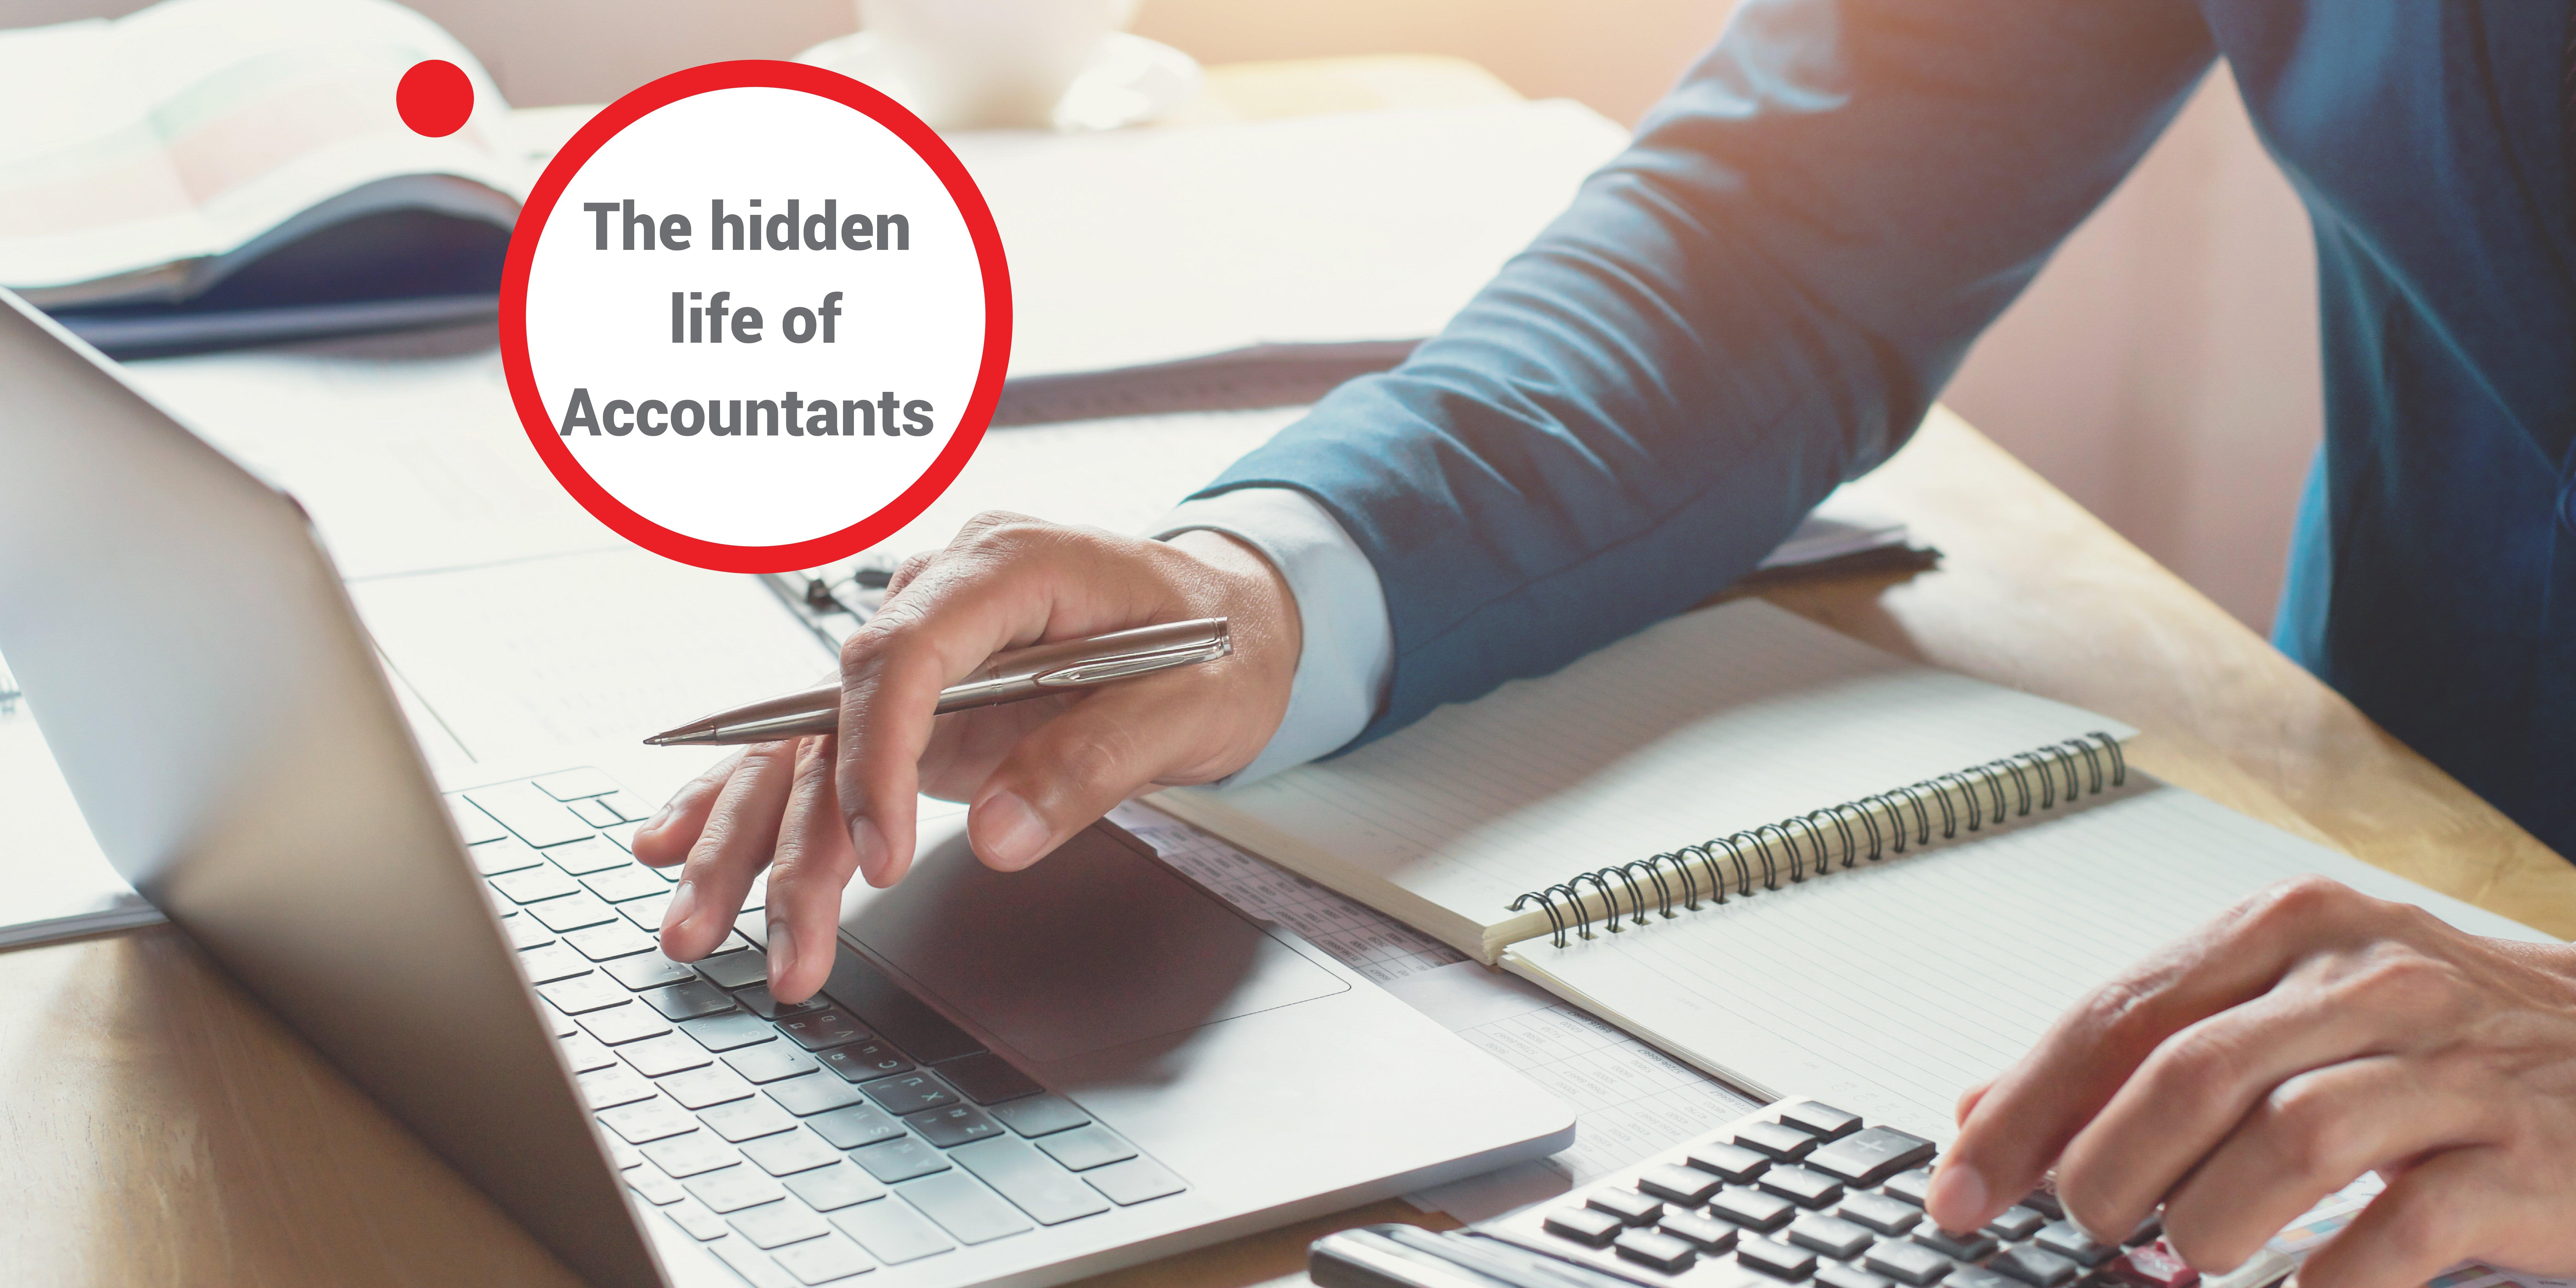 The Hidden Life of Accountants